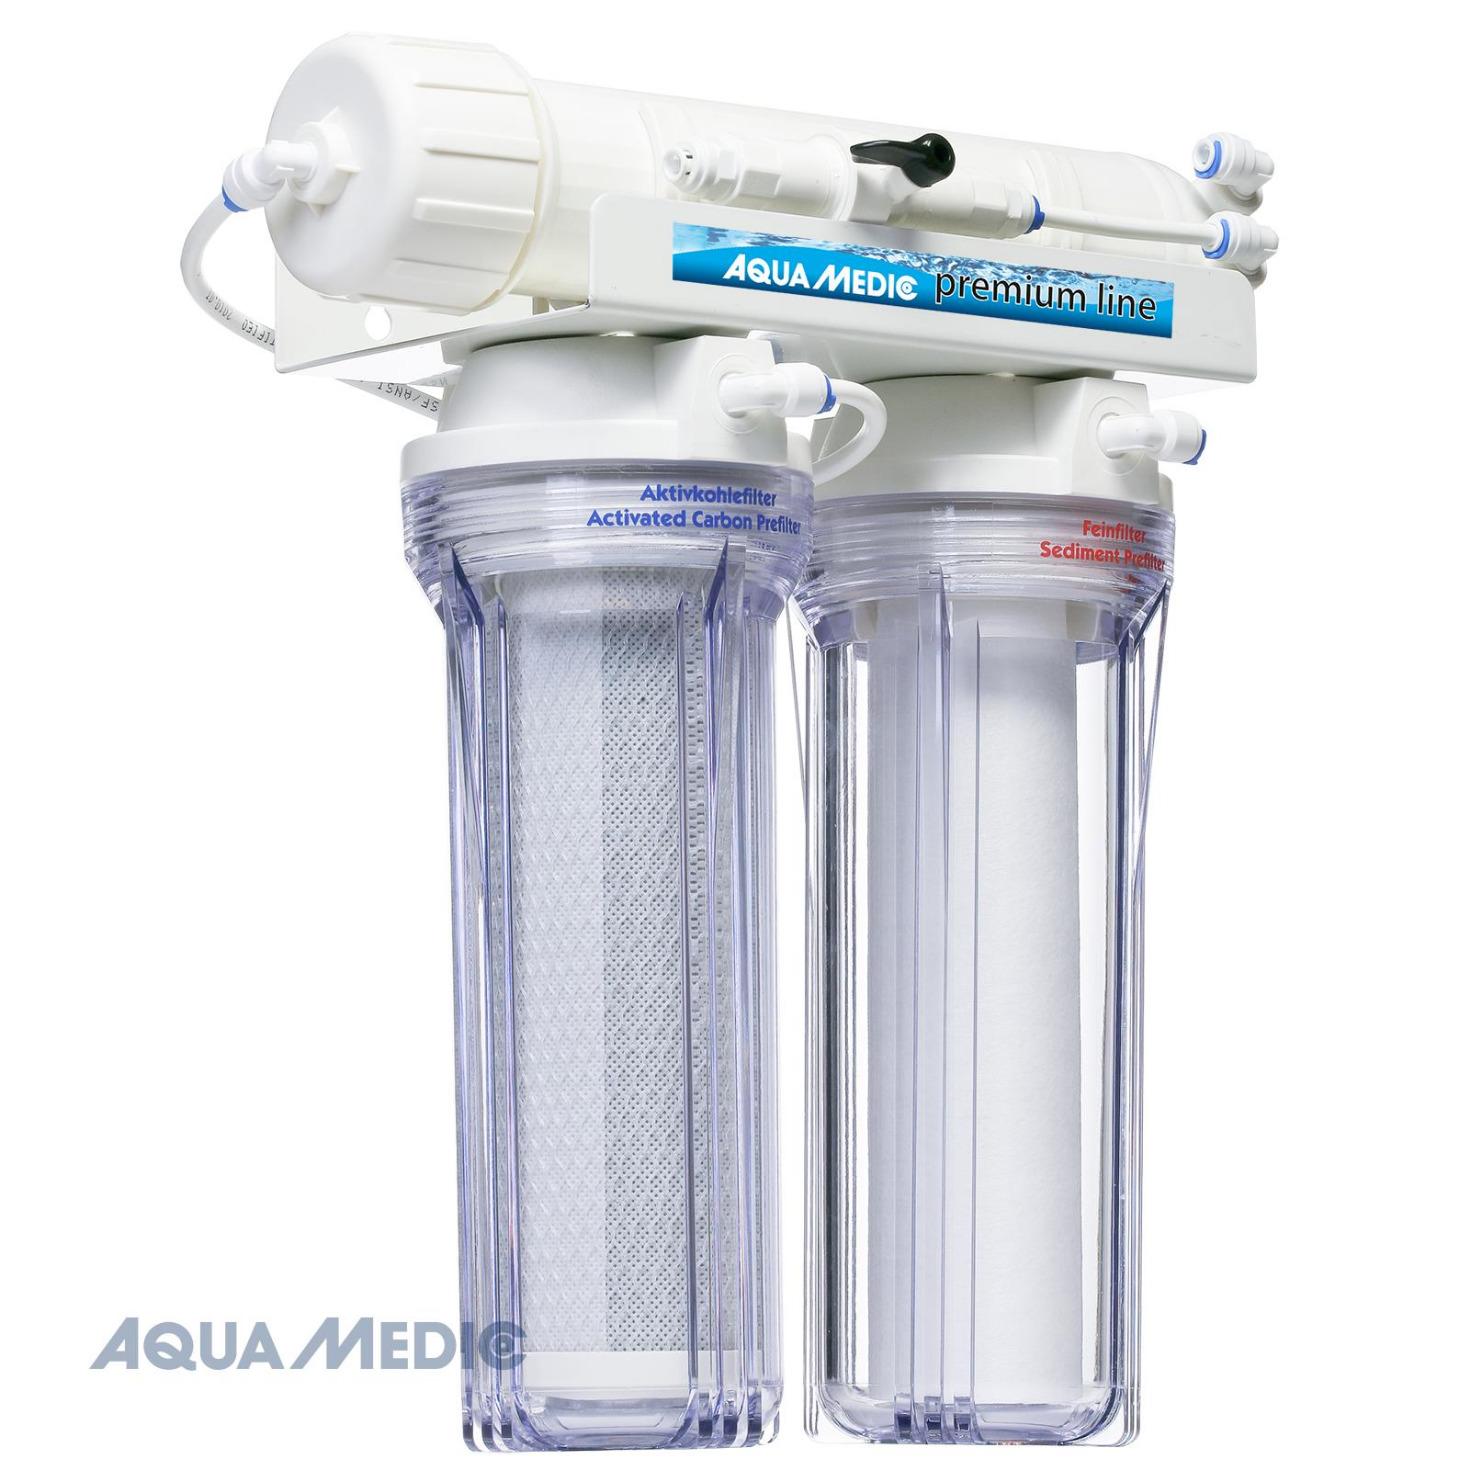 Aqua Medic premium line 190